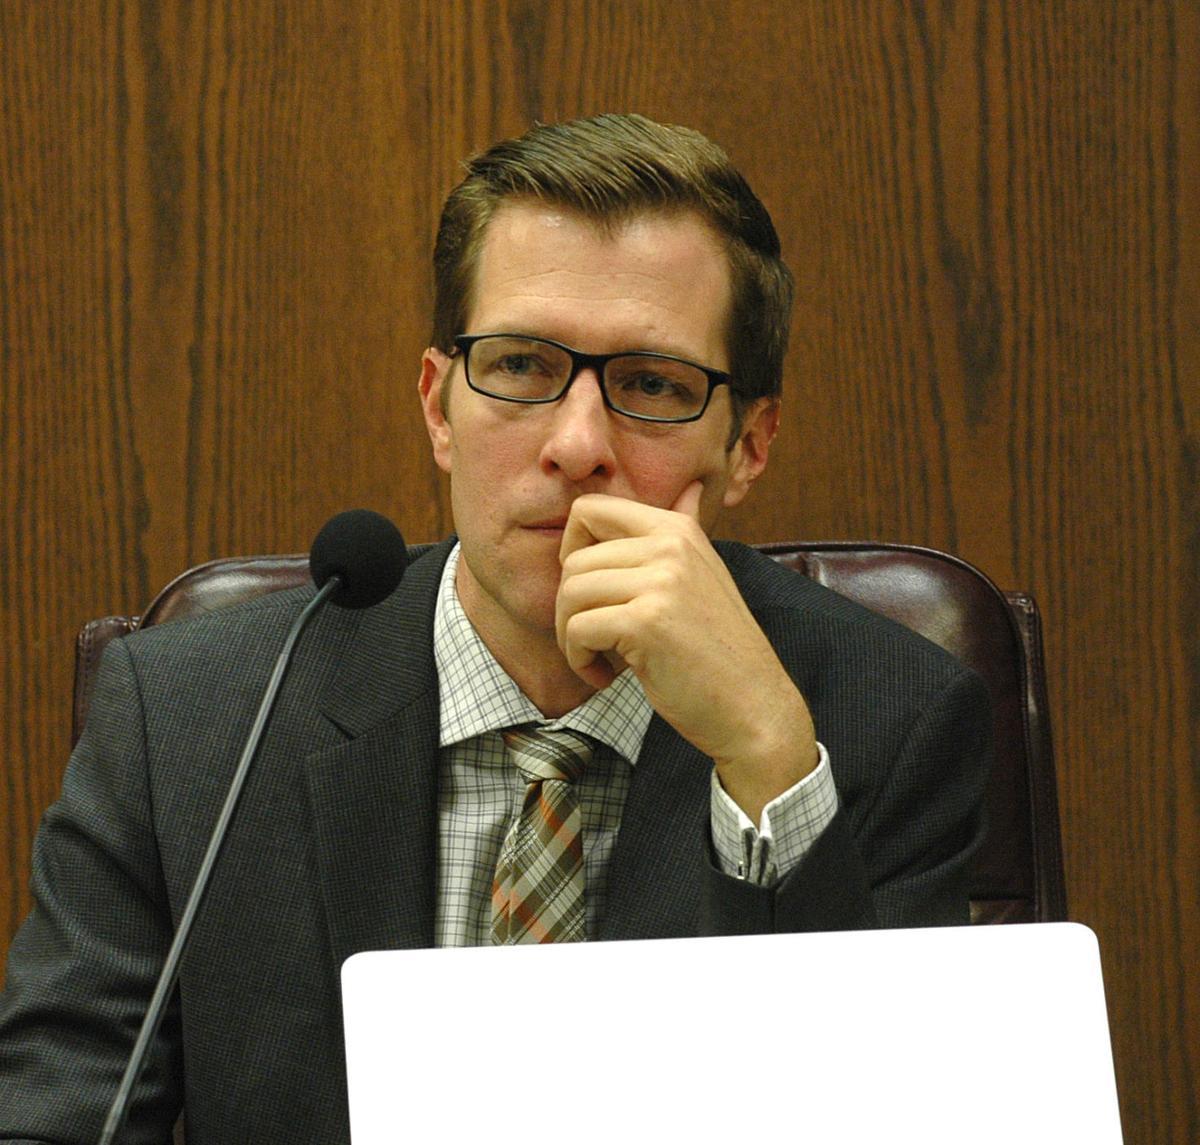 State Rep. Ken Clark